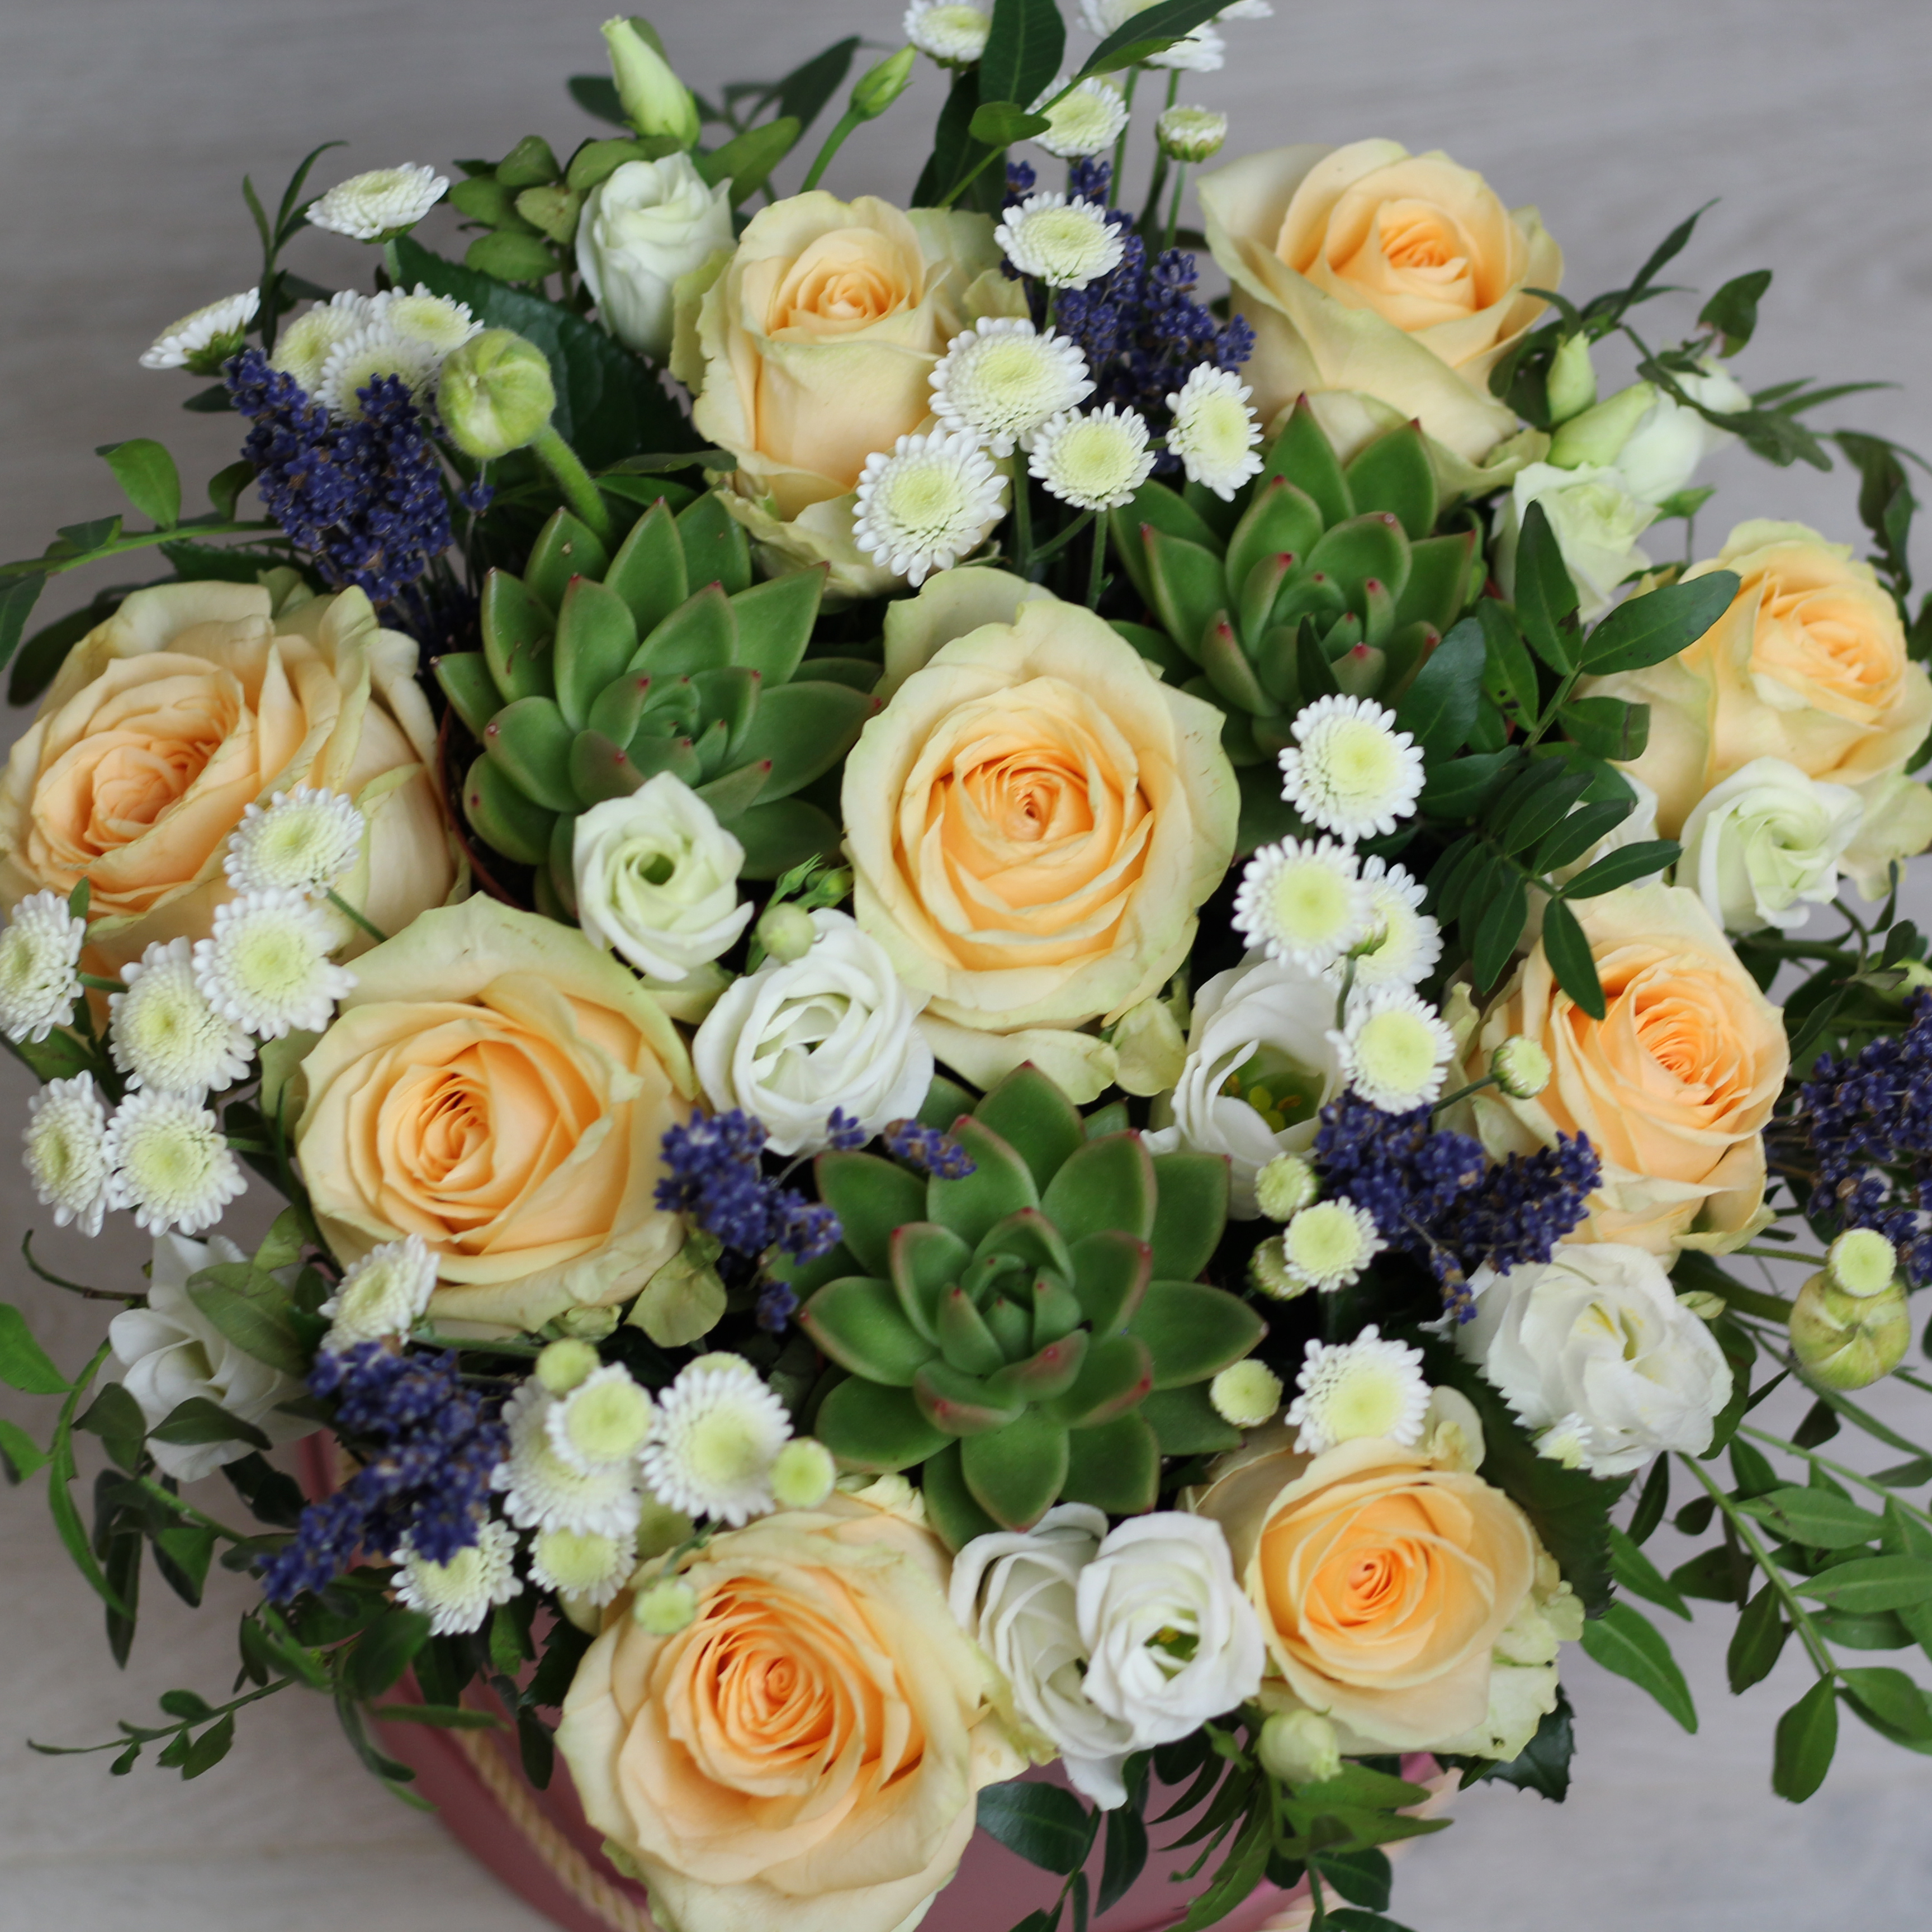 Композиция в коробке из роз,хризантем,  эустомы и лаванды